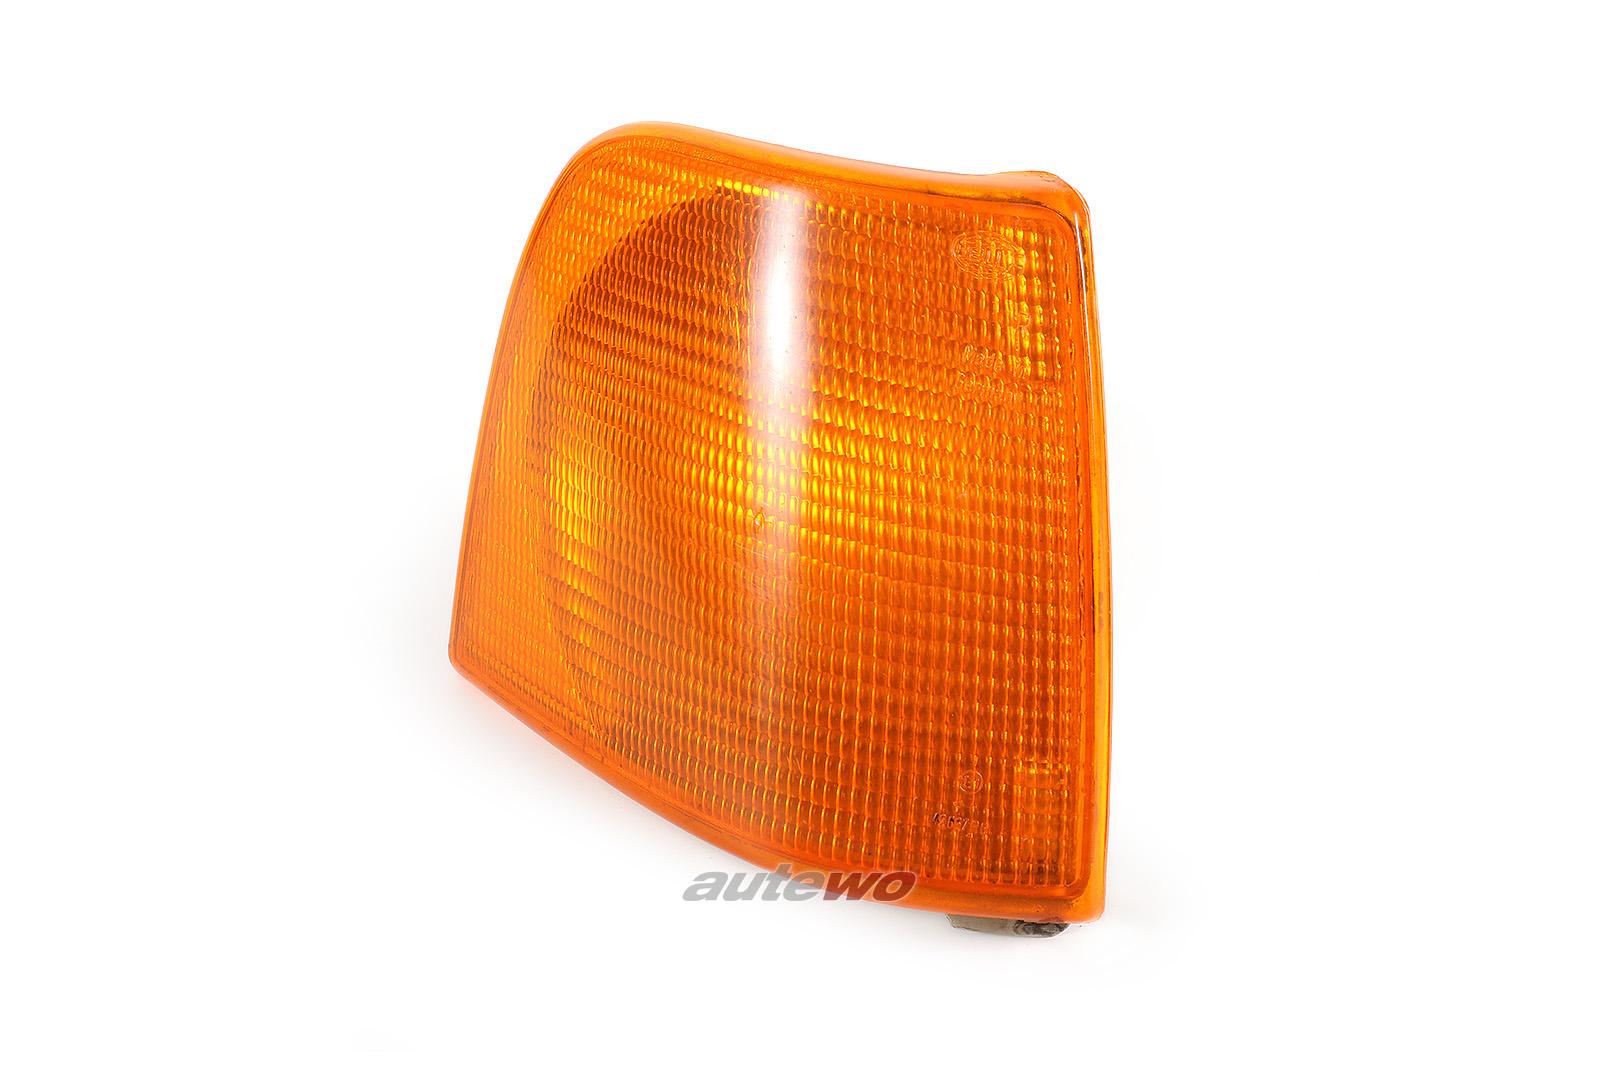 443953050E Audi 100 Typ 44 Blinker Hella Vorne Rechts orange